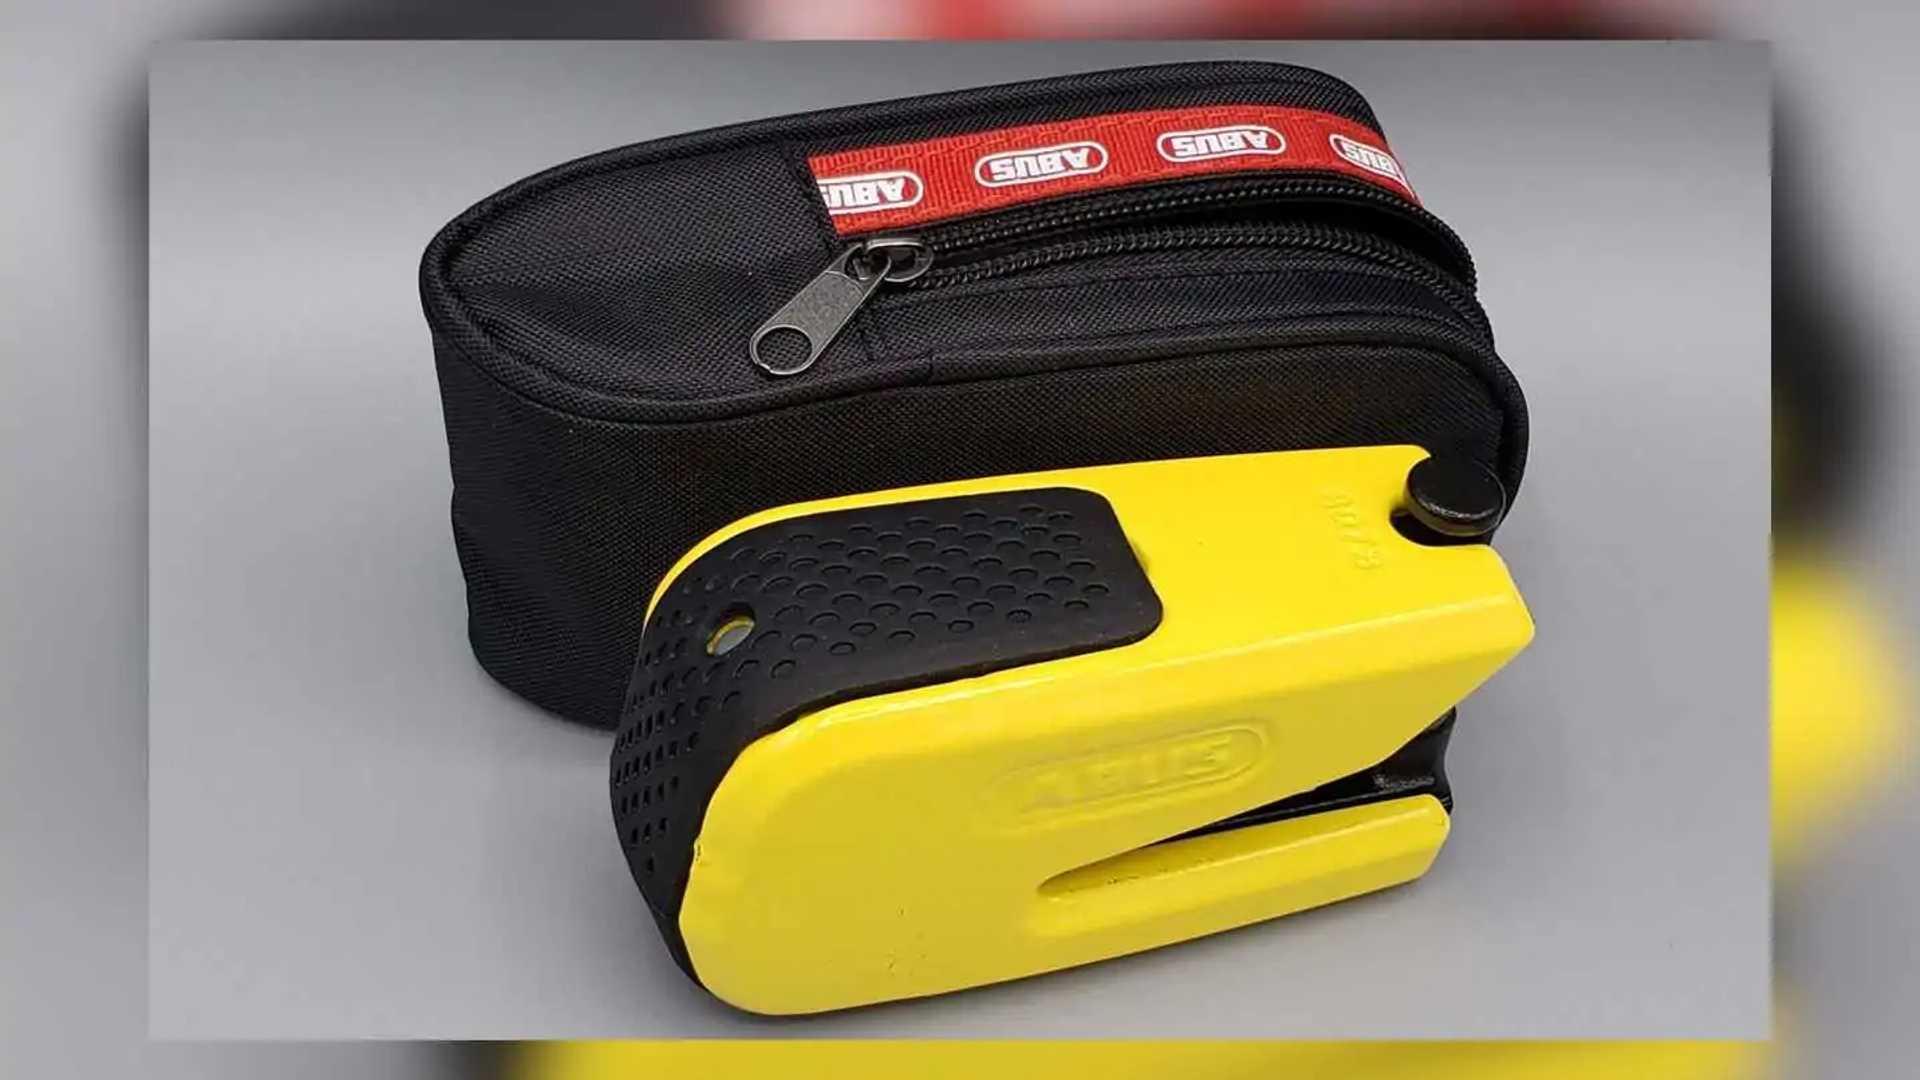 ABUS Granit Detecto SmartX Lock - Lock And Case View